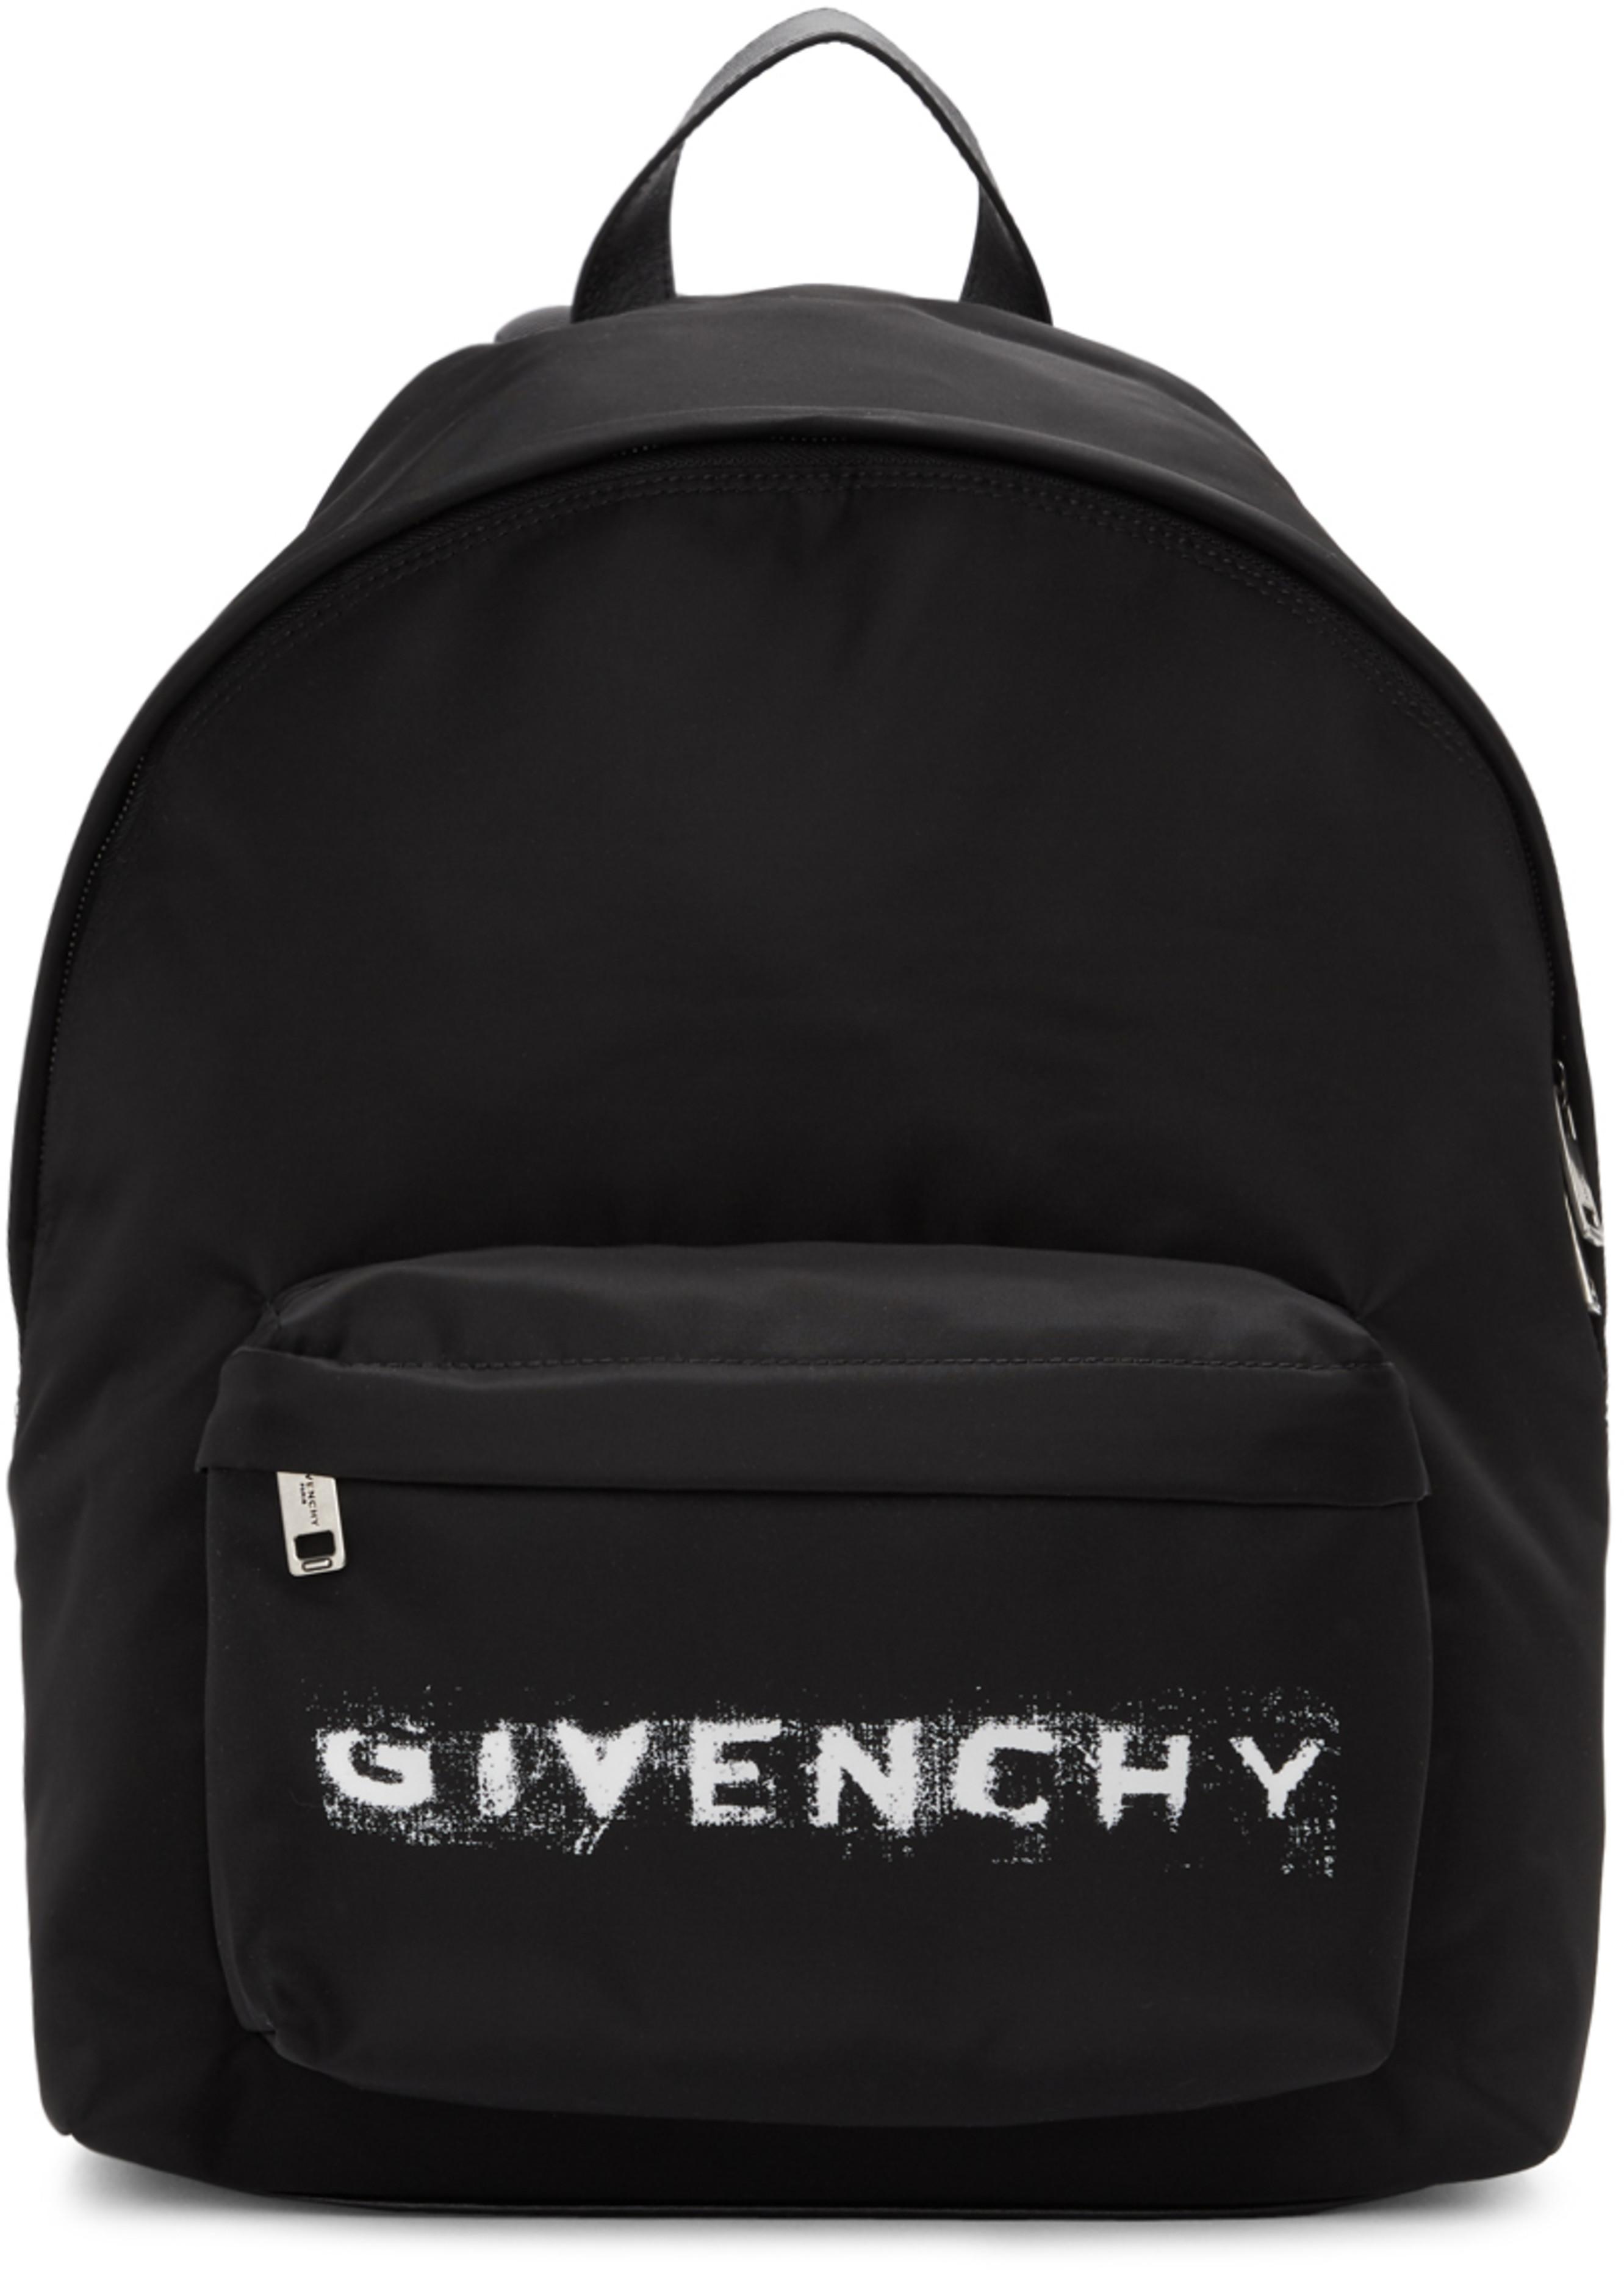 68e0d7769d Givenchy bags for Men